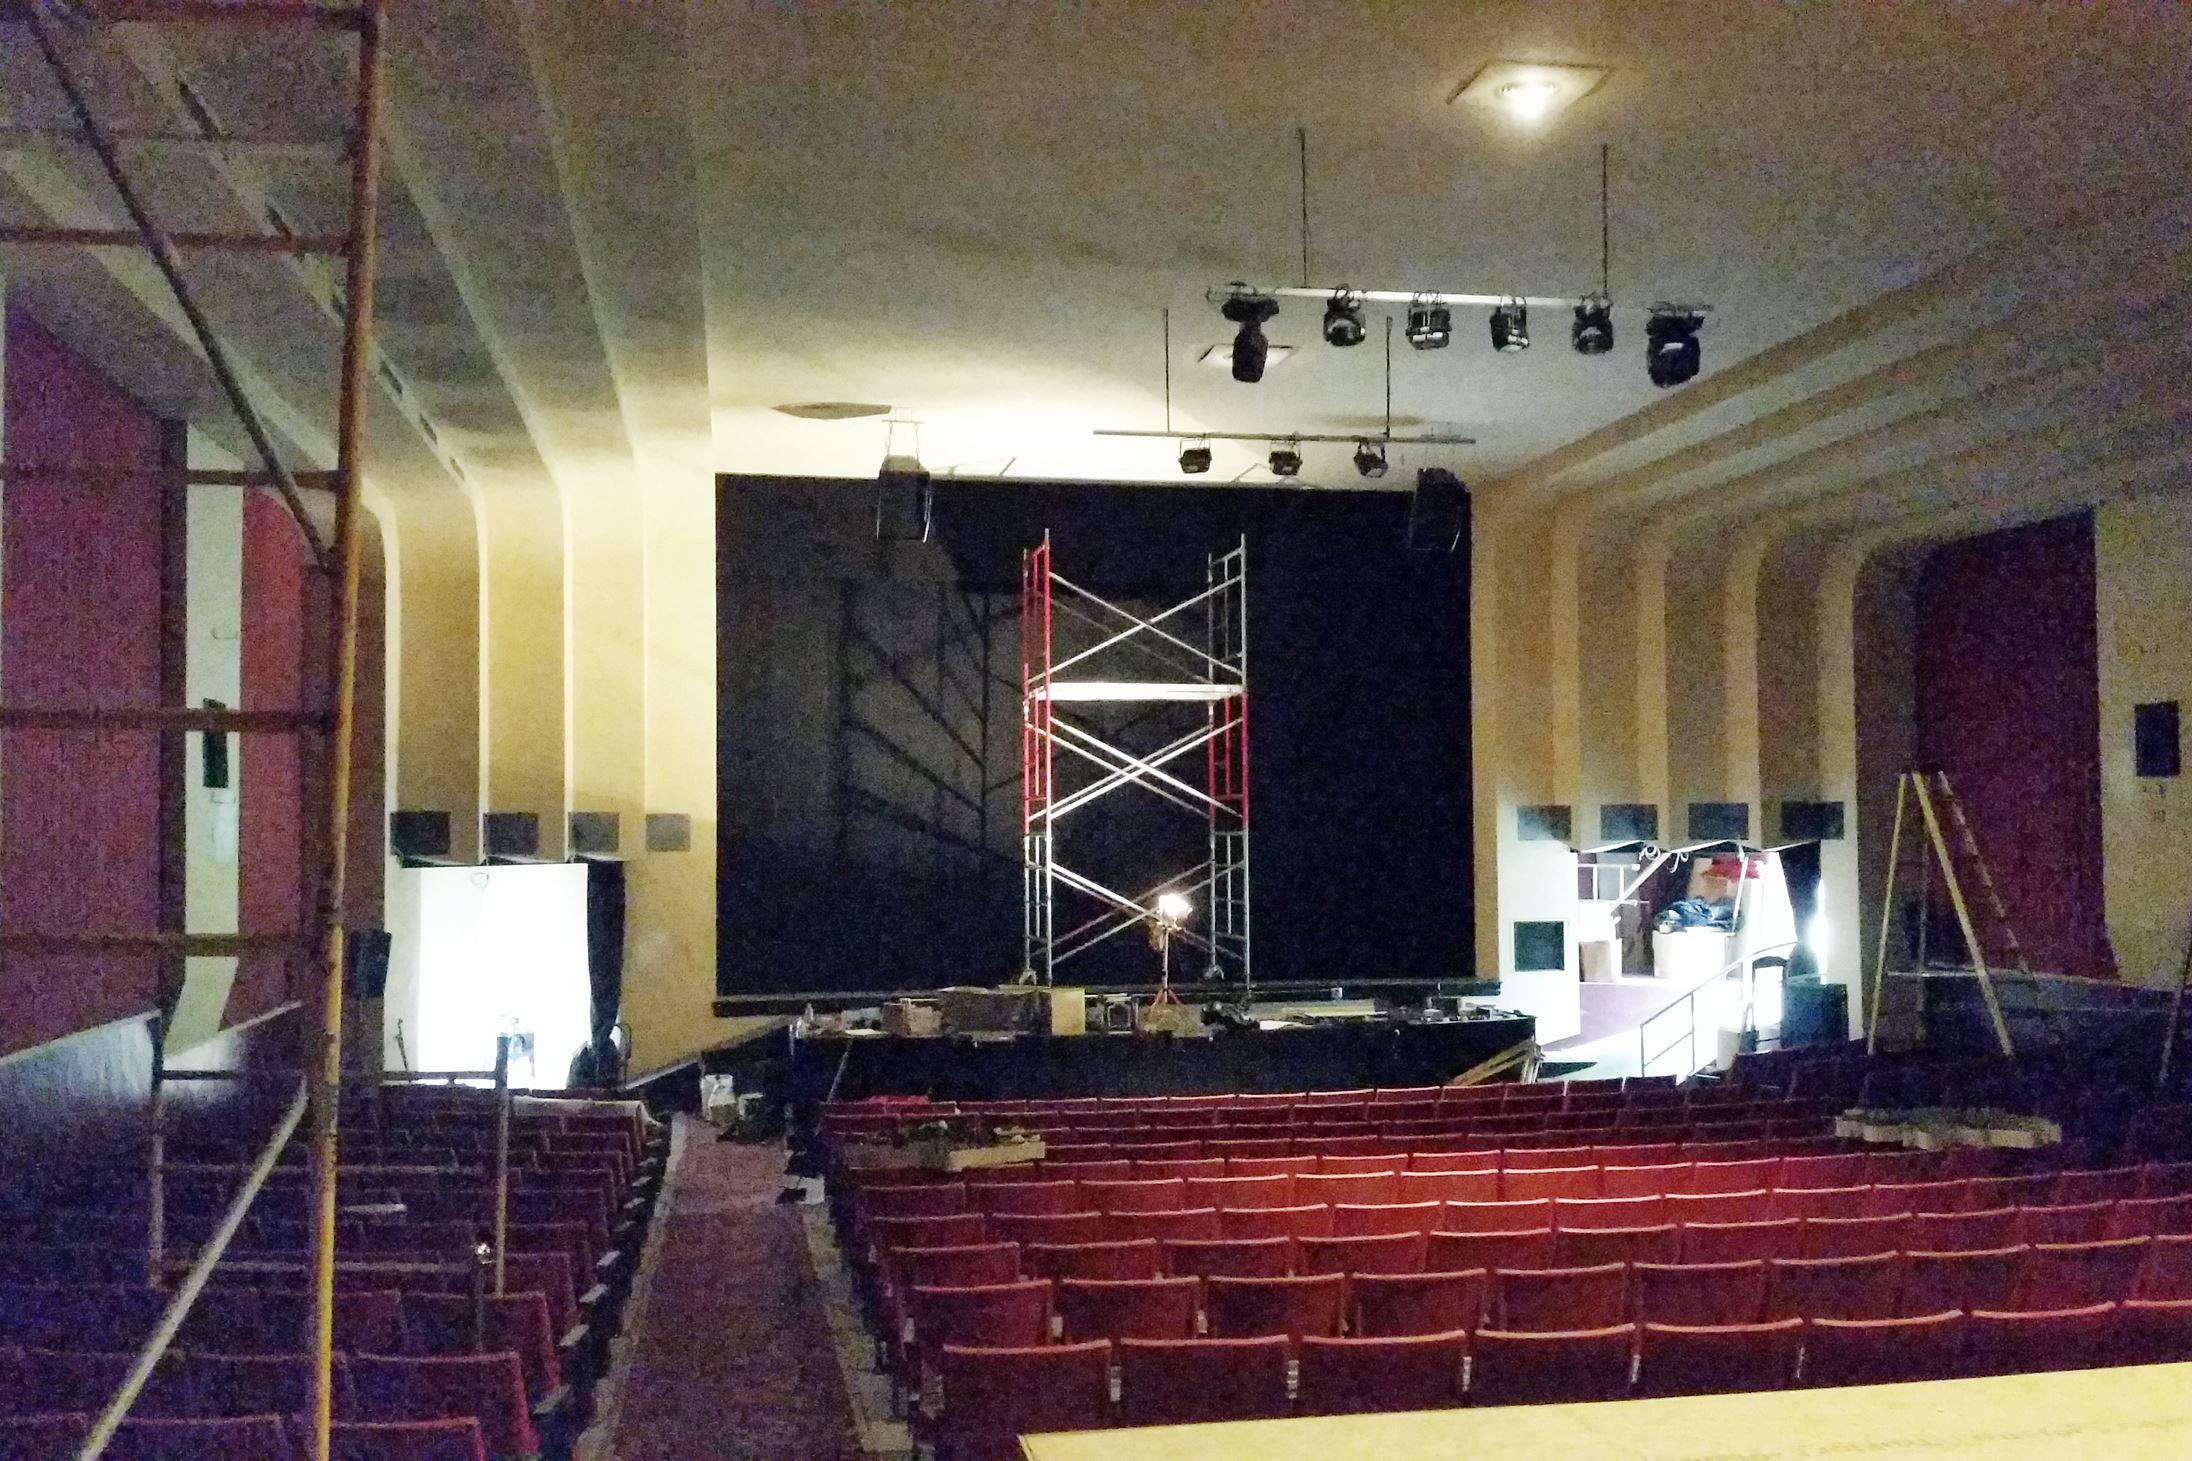 Oaks theater in oakmont undergoing transformation for The oakmont